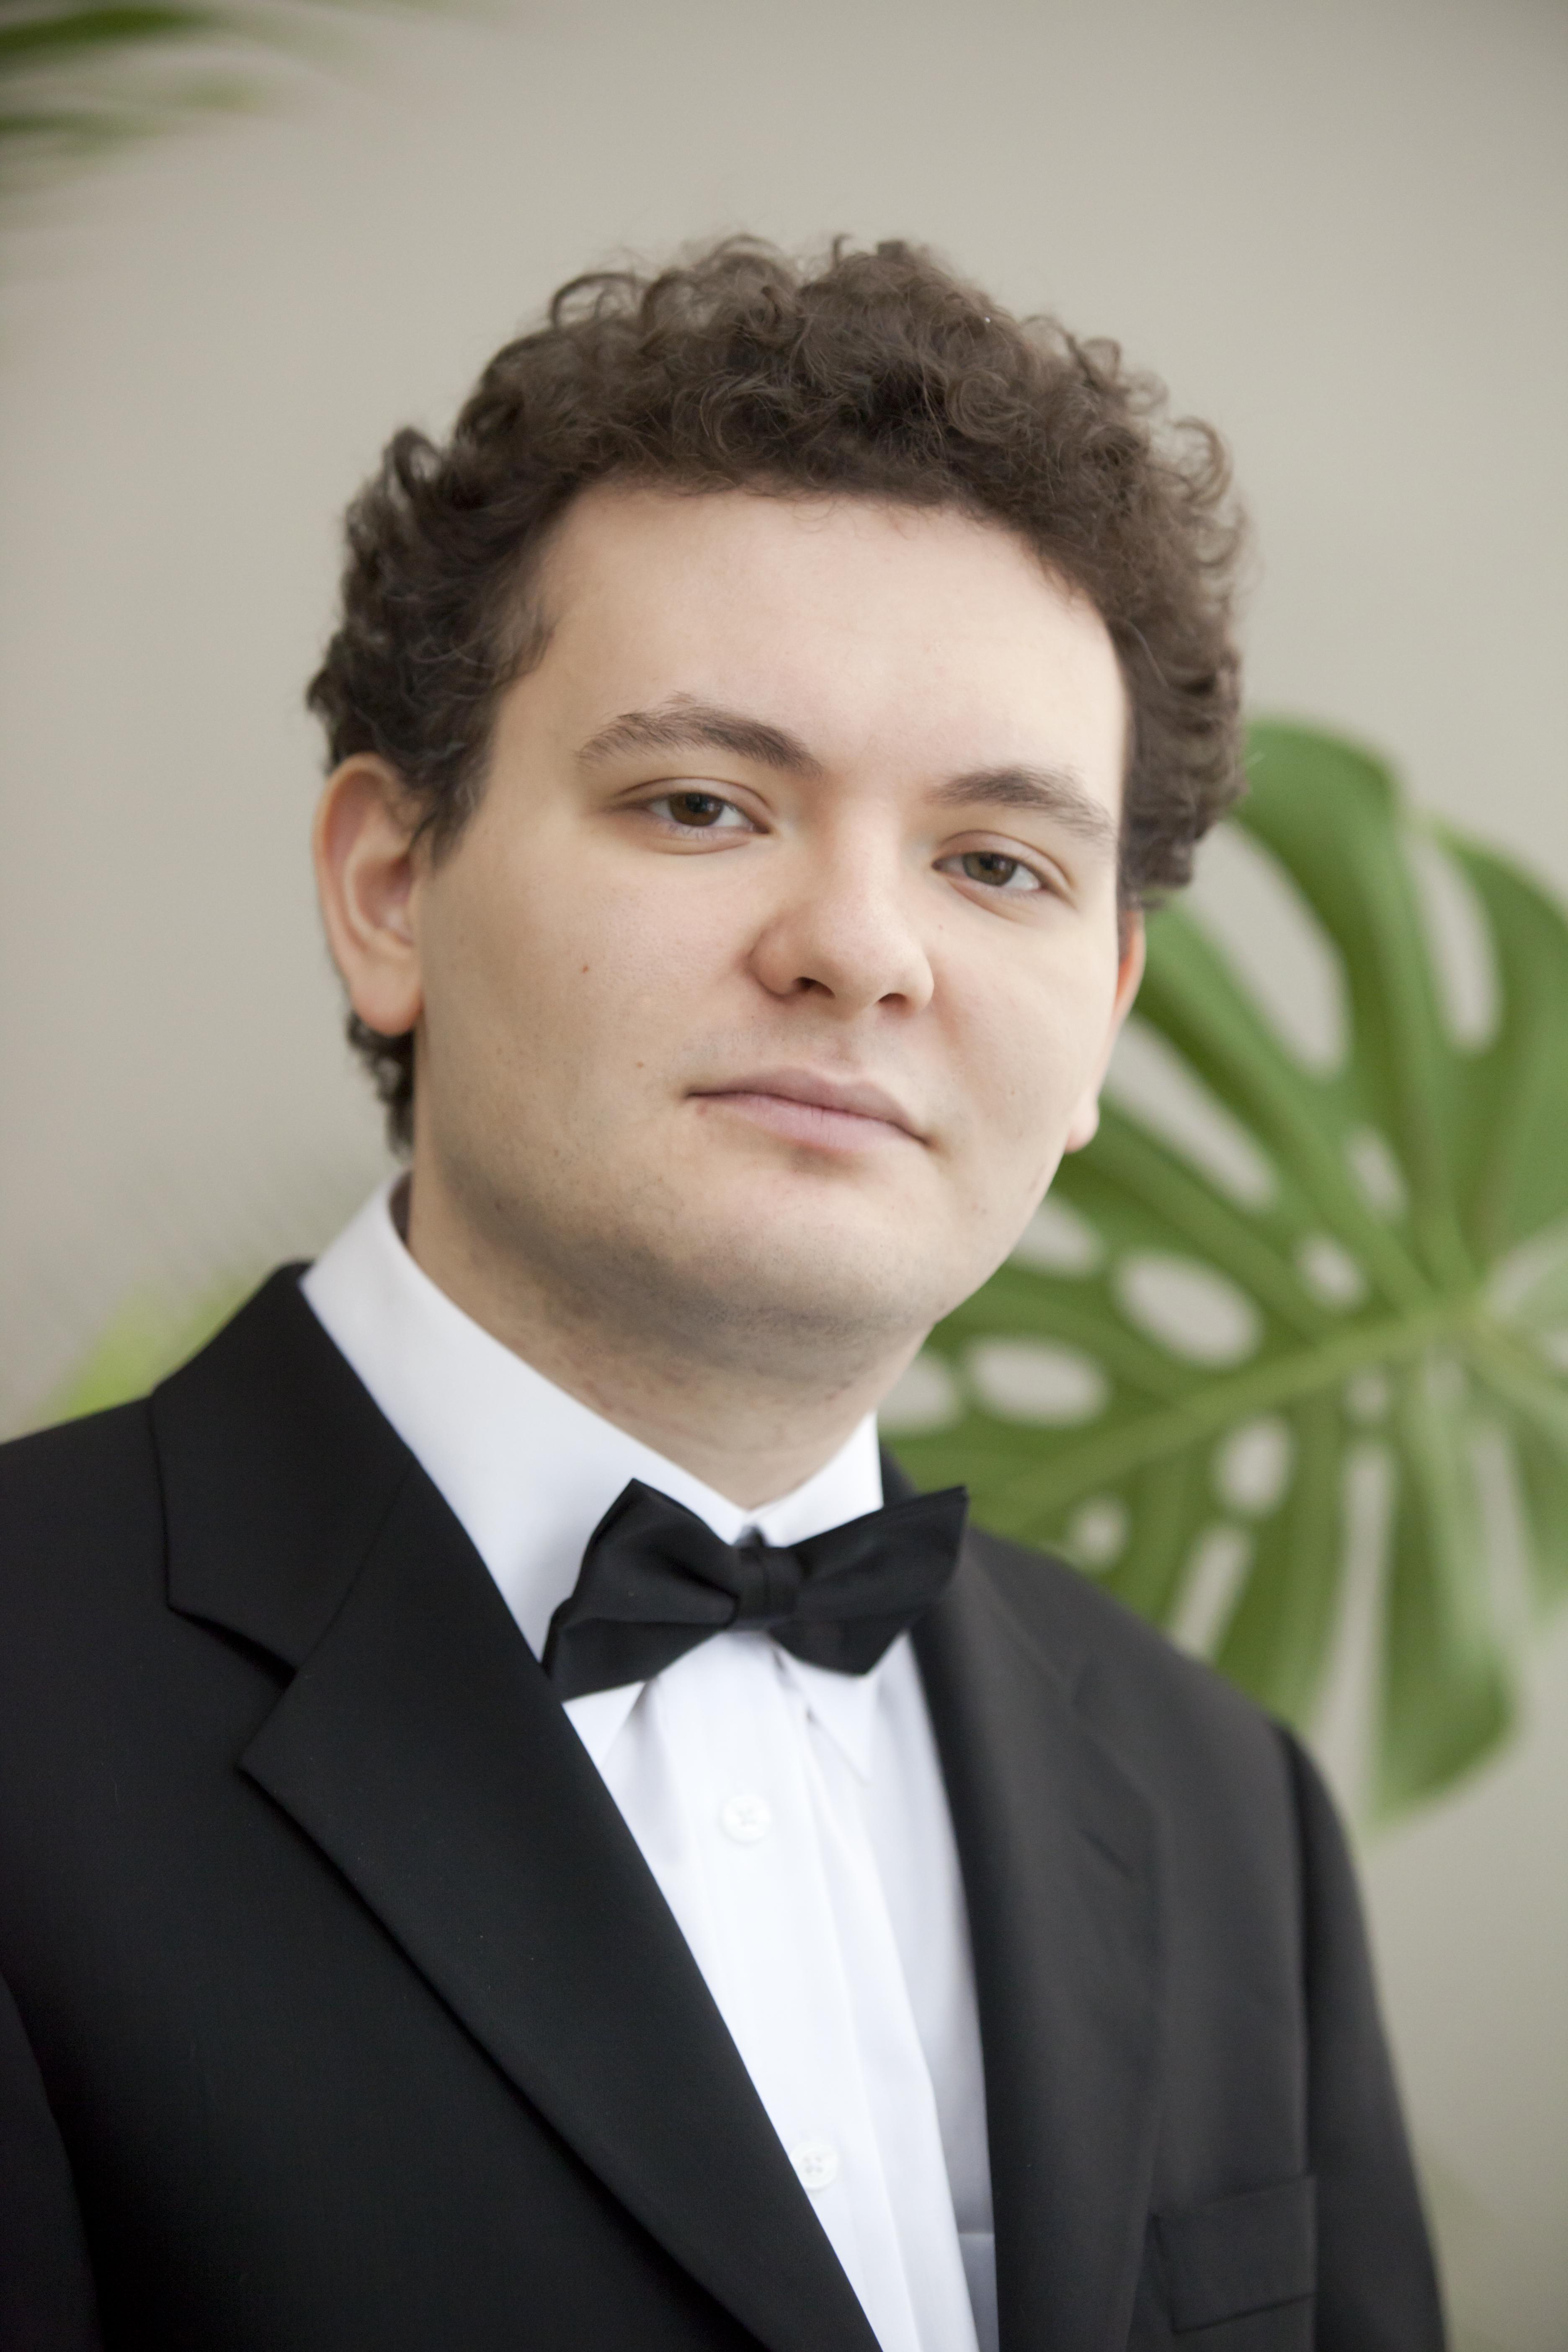 ピアノ五重奏曲には1986年生まれの若きピアニストが登場する (c)Dmitri Bocharov